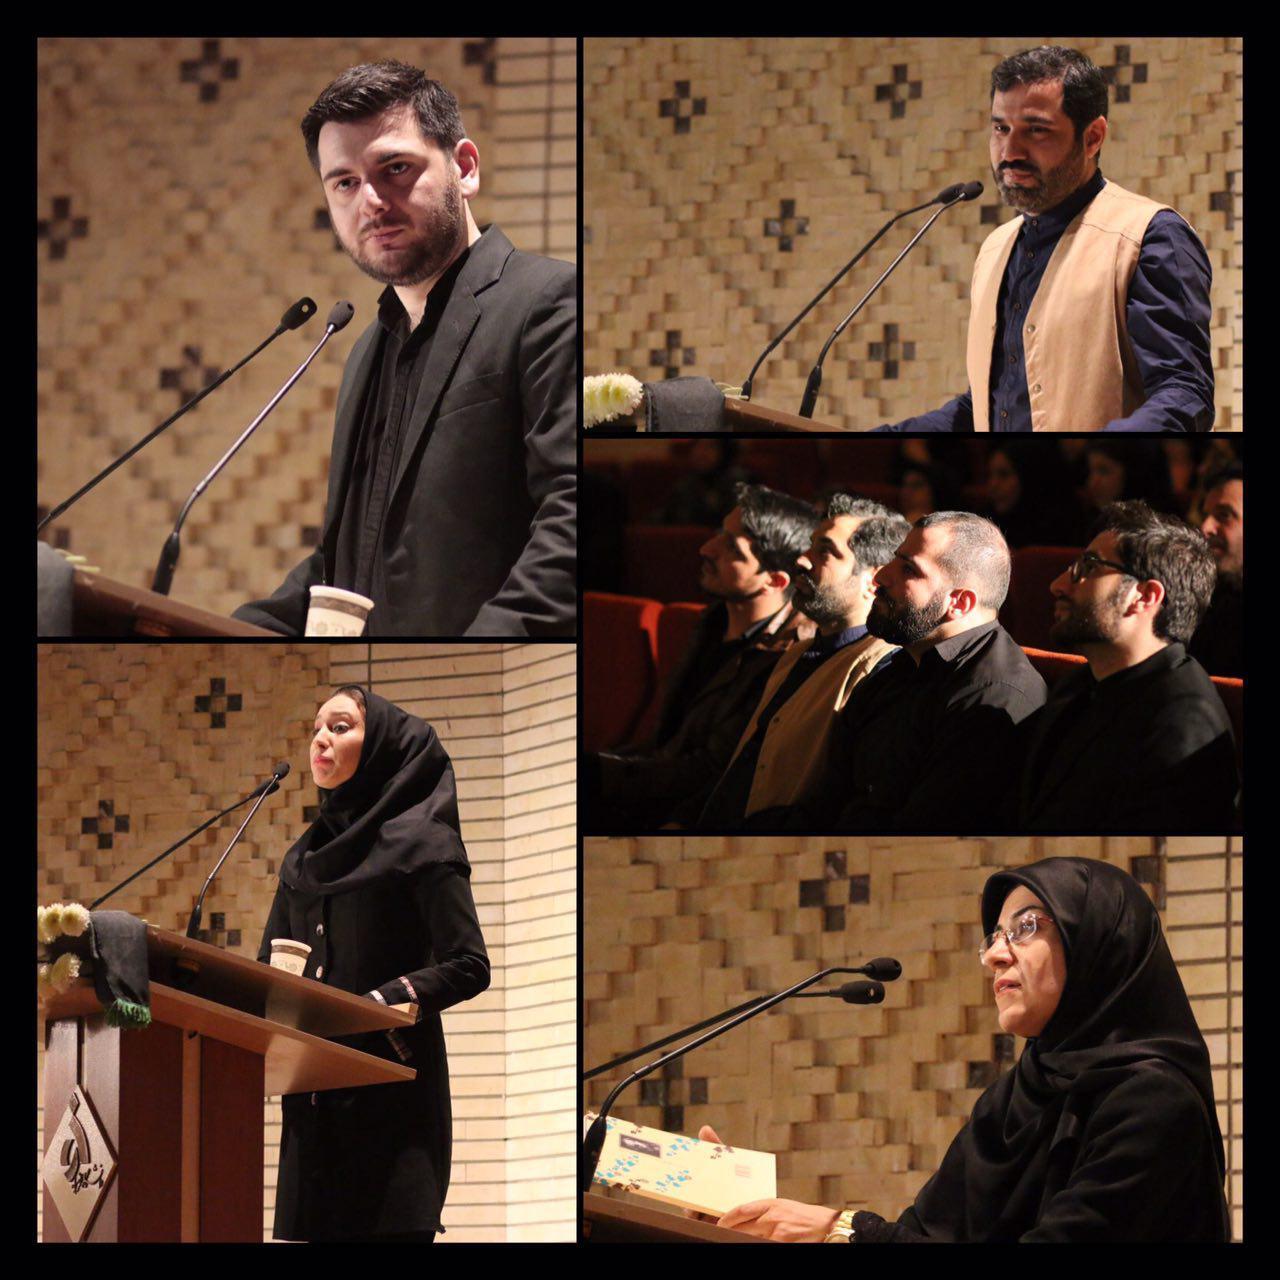 محفل «شعر عاشورایی» با حضور شاعران برجسته آیینی کشور برگزار شد